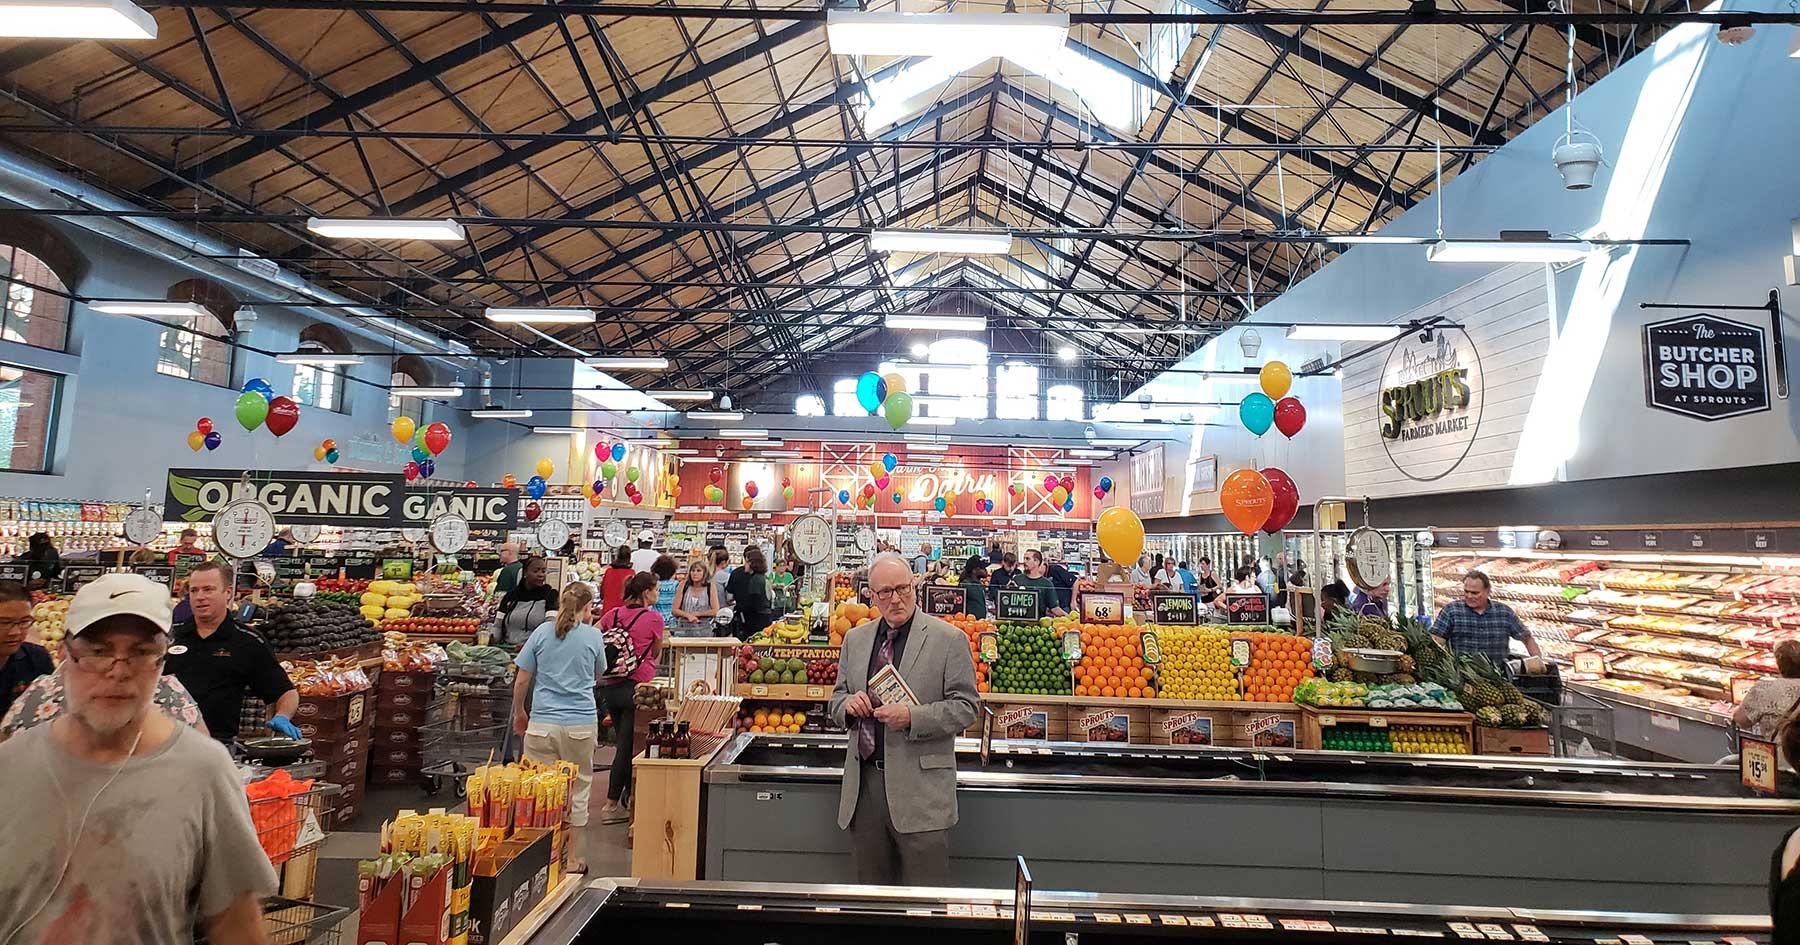 sprouts farmers markets interior